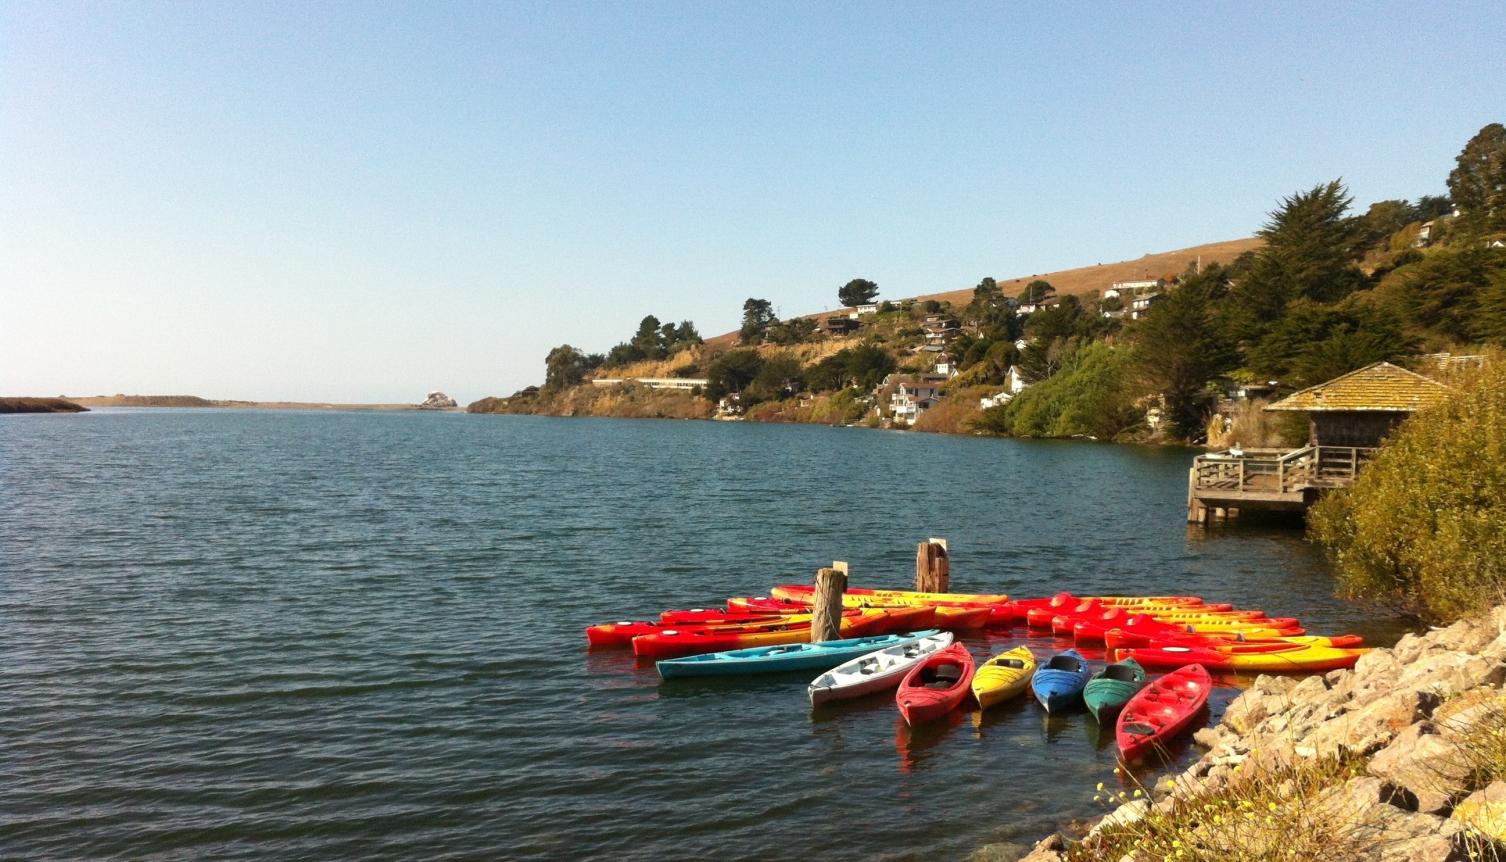 Weekend getaways in northern california for all athletes for Weekend getaways northern california